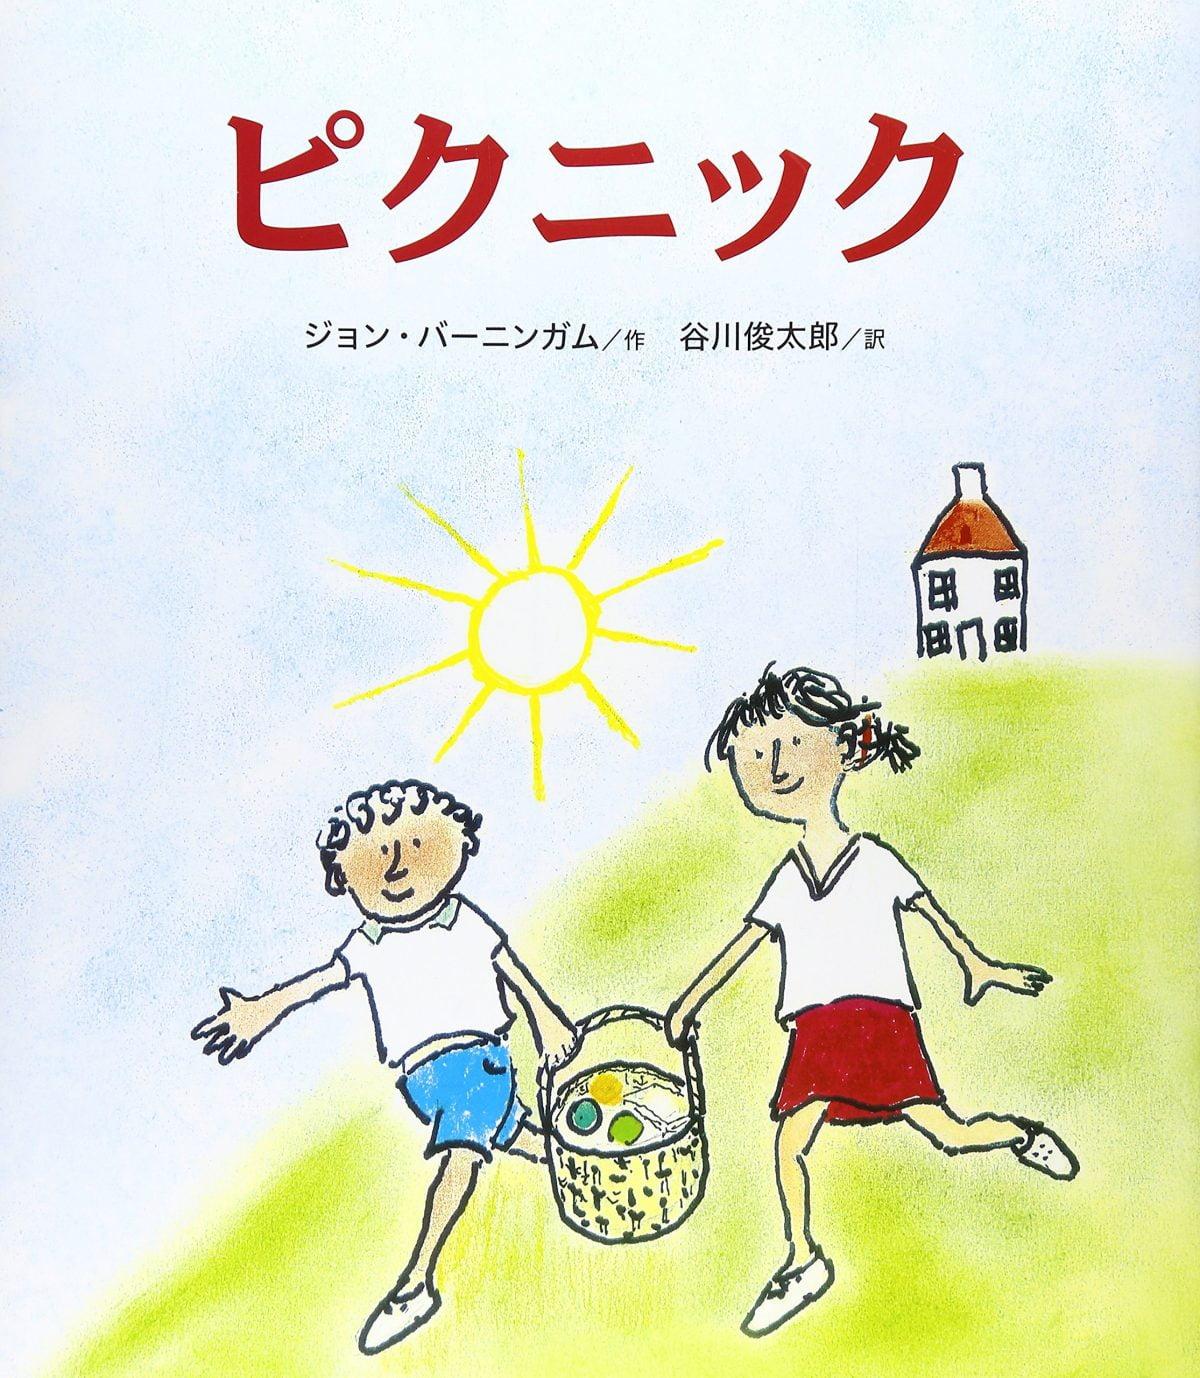 絵本「ピクニック」の表紙